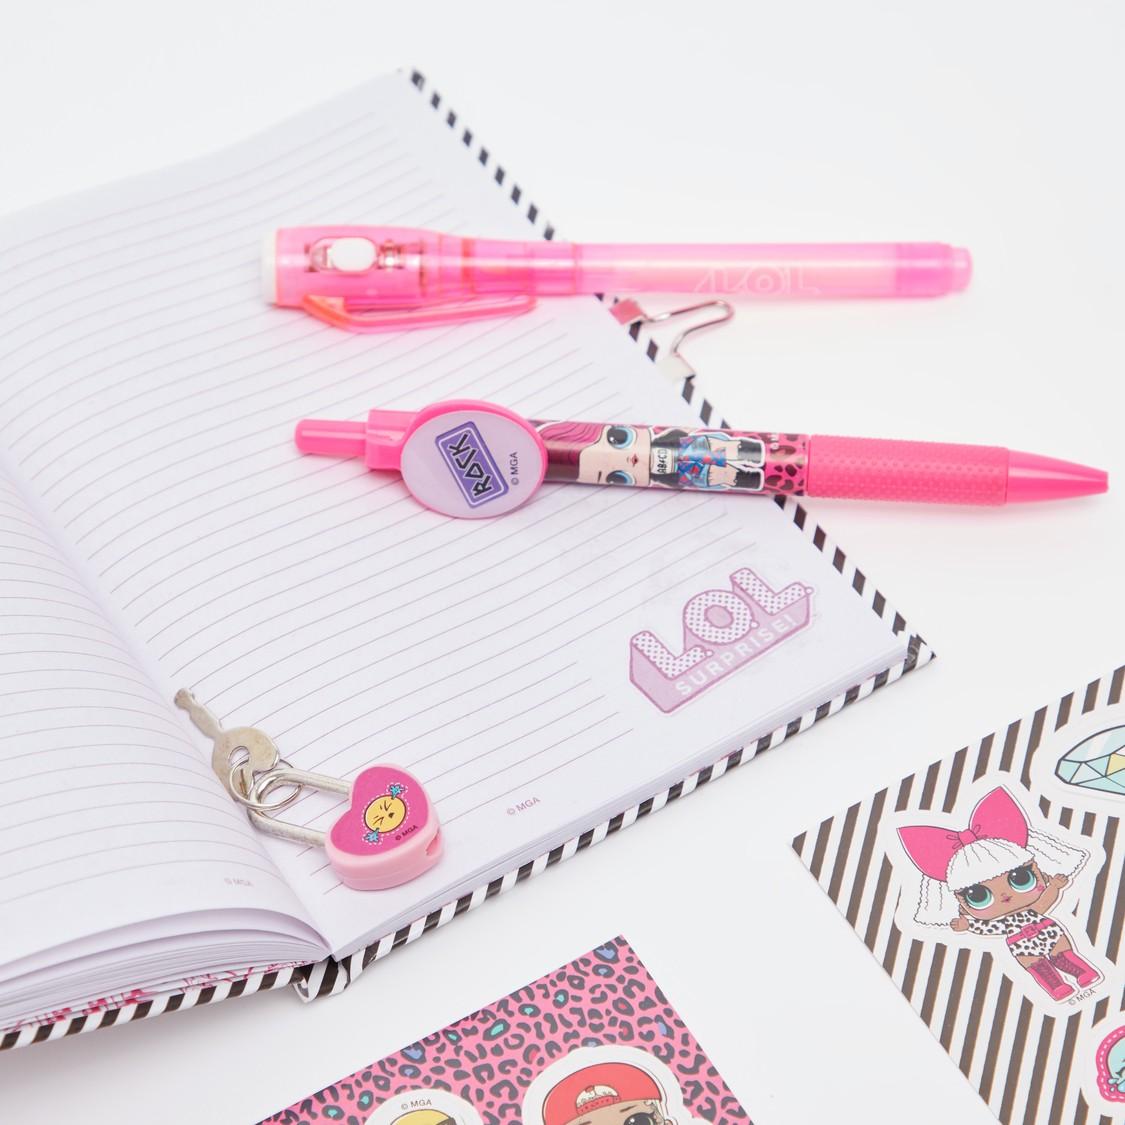 دفتر ملاحظات جليتر مع قلم ماجيك من لول سوربرايز